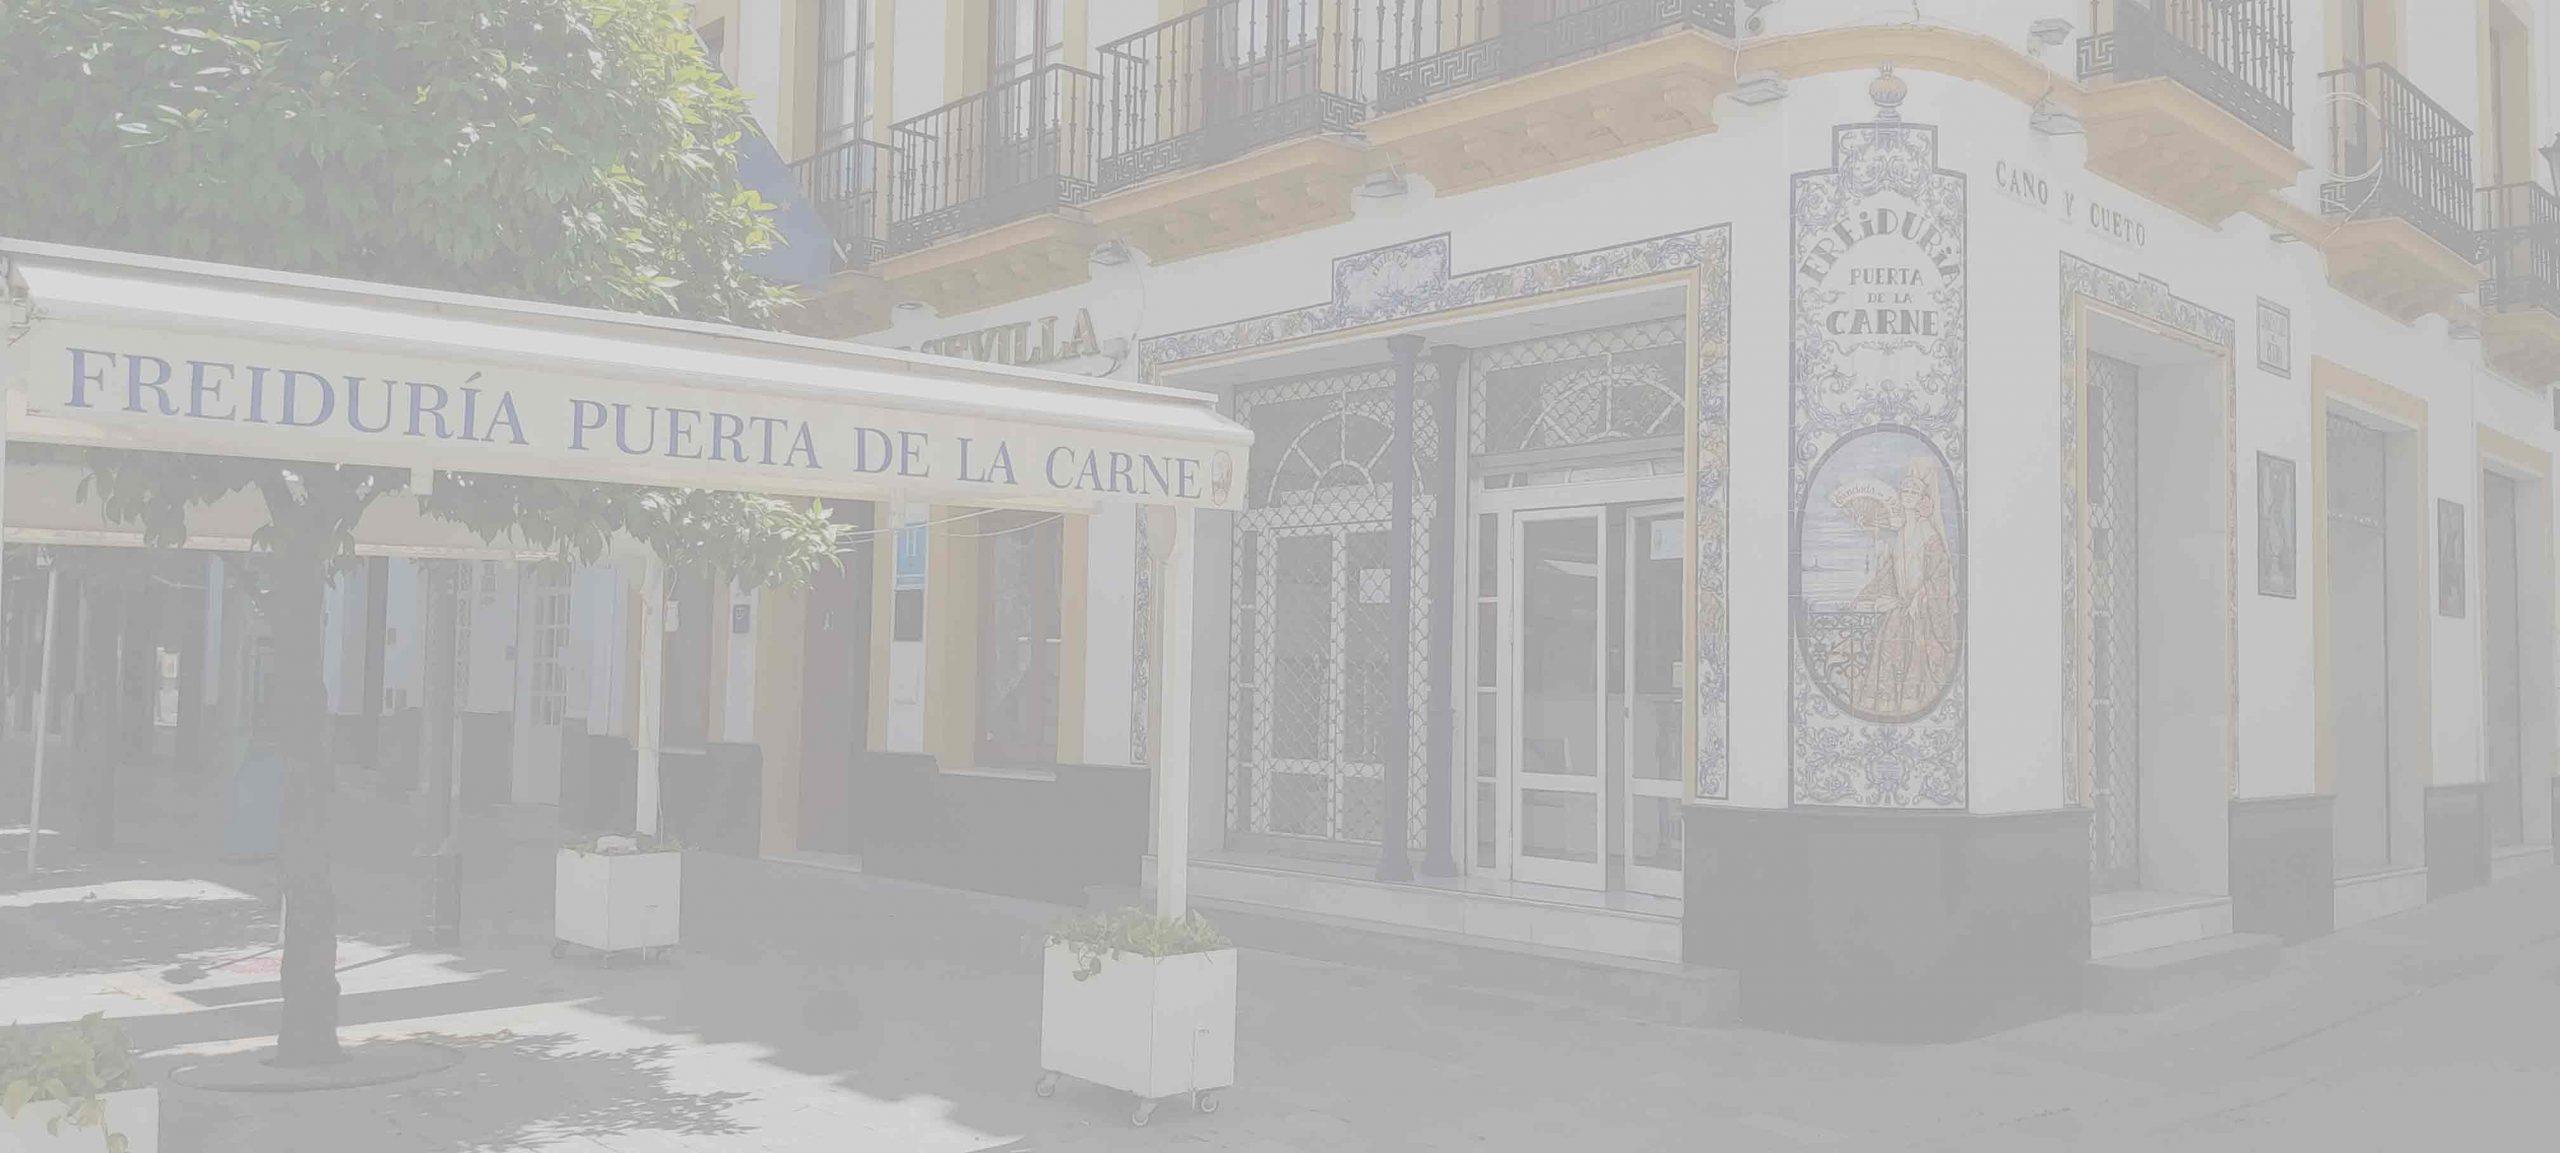 La Freiduría más antigua de Sevilla